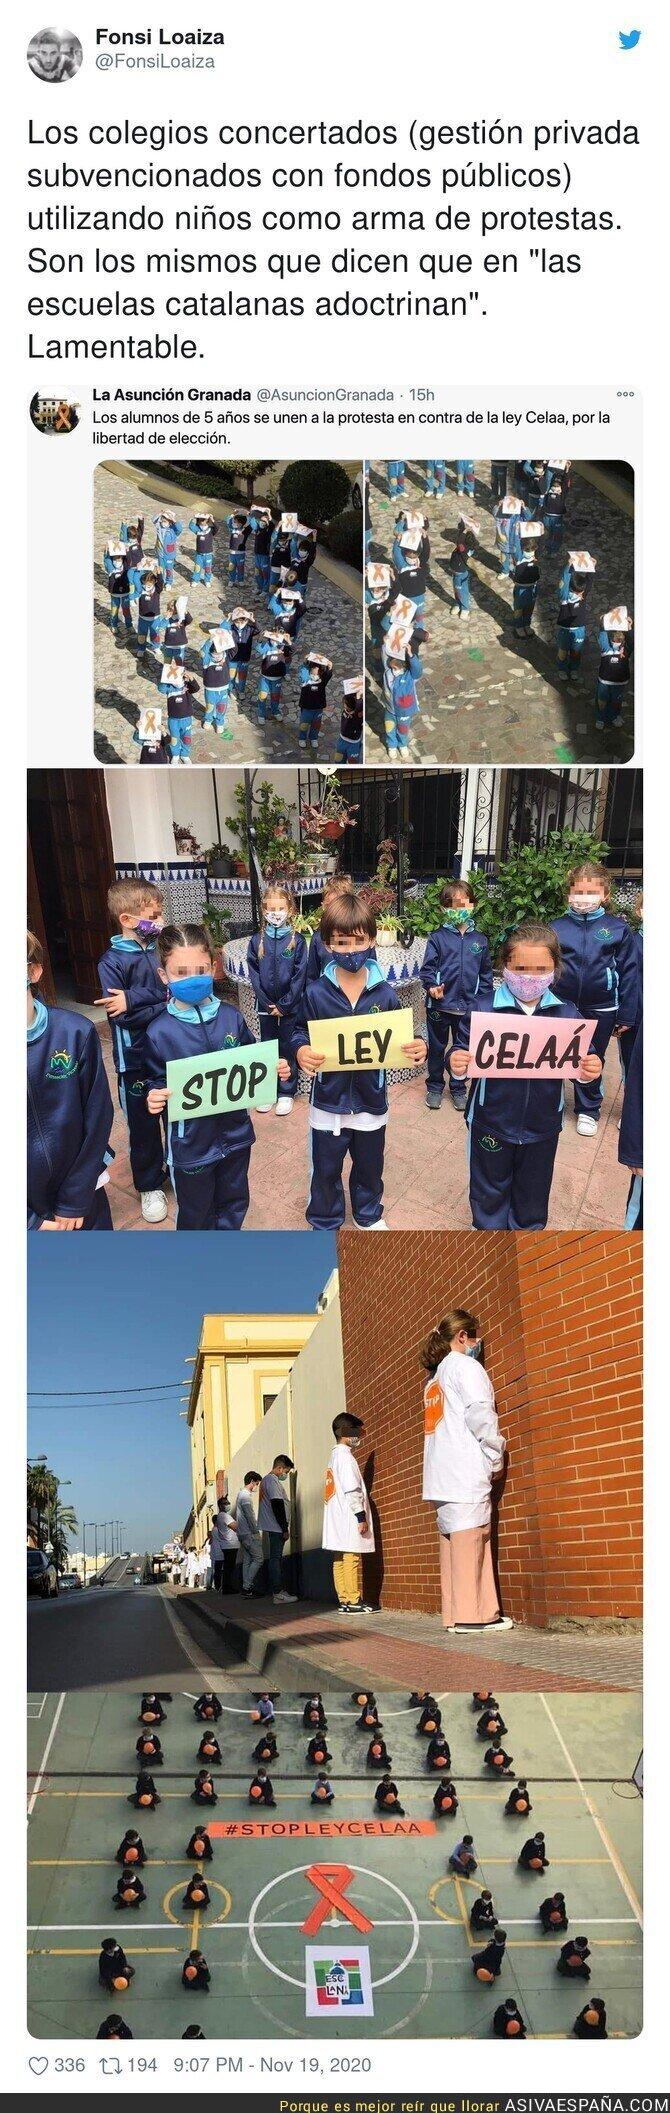 473660 - Atención a la adoctrinación de estos niños en escuelas